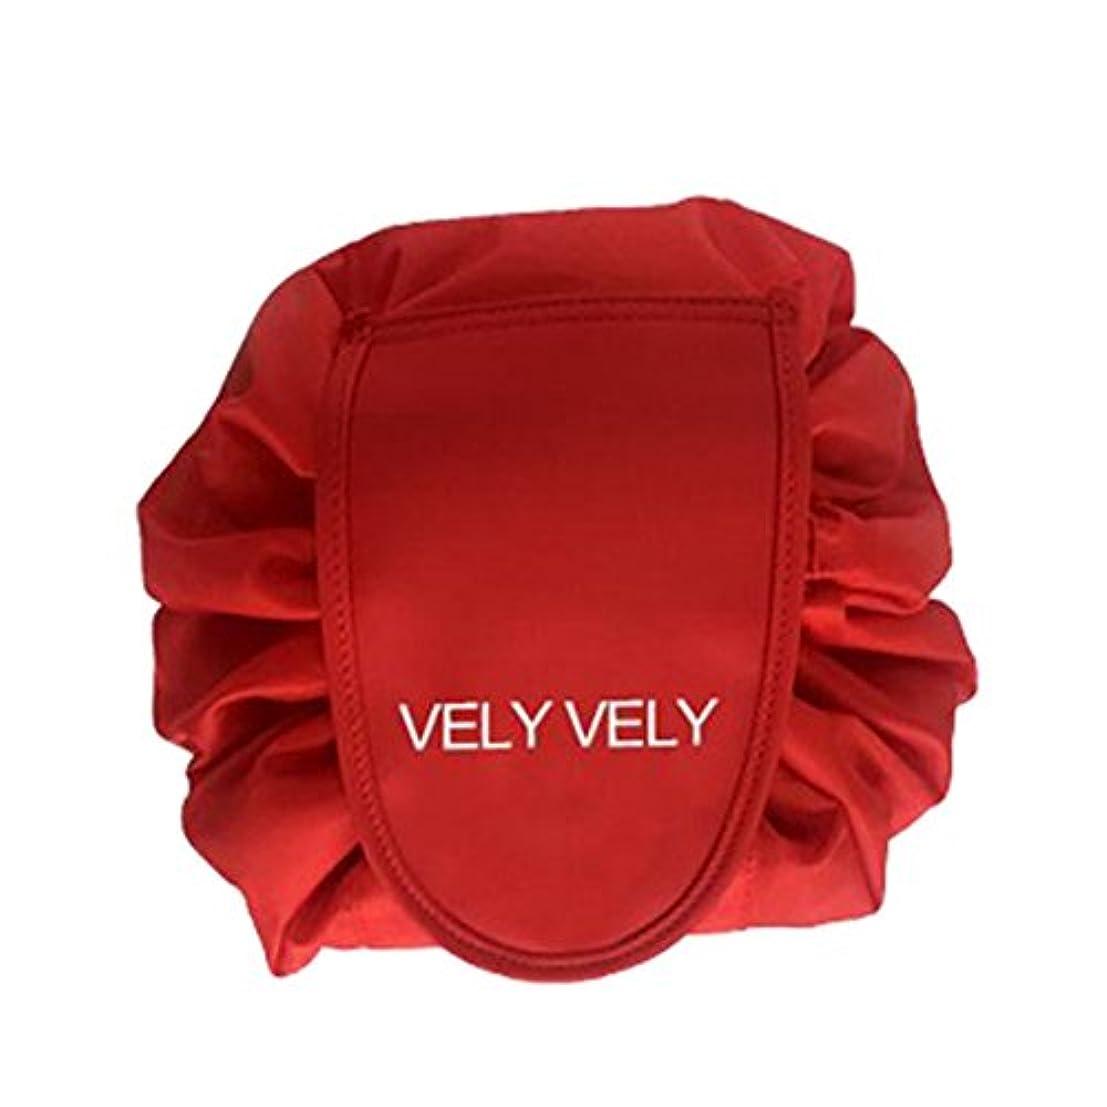 バッジ媒染剤開発するSmartRICH 化粧品収納バッグ,折畳式 巾着型 収納携帯用 便利 防水的 旅行 容量大きい 可愛い 化粧バッグ 化粧ポーチ (赤)